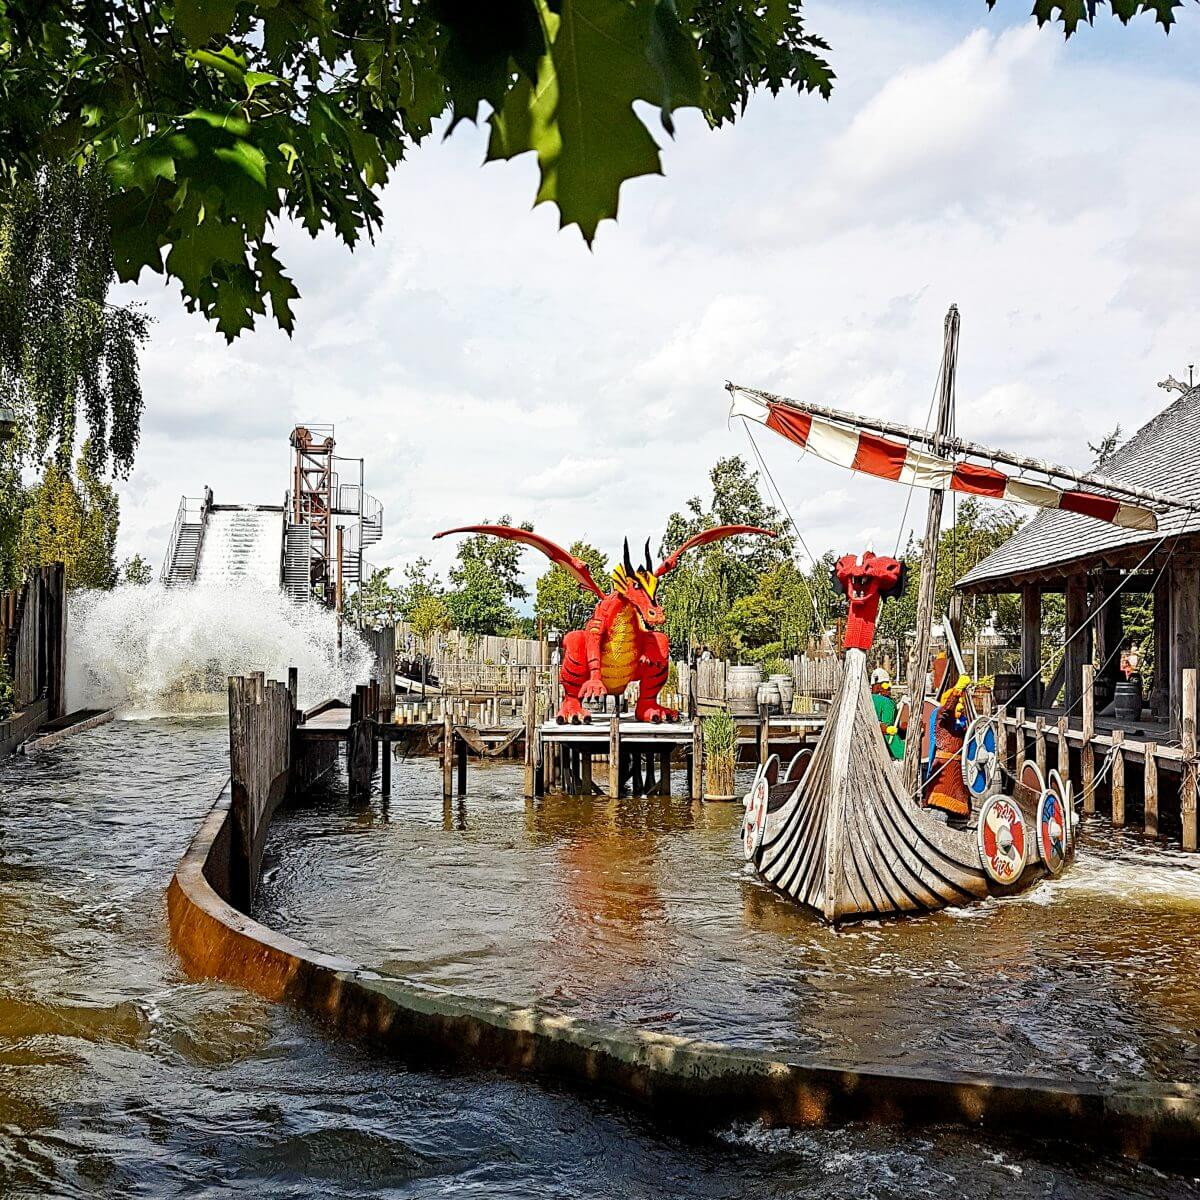 Legoland met kinderen: alles wat je wil weten, Knights Kingdom Vikings River Splash #leukmetkids #legoland #Denemarken #kinderen